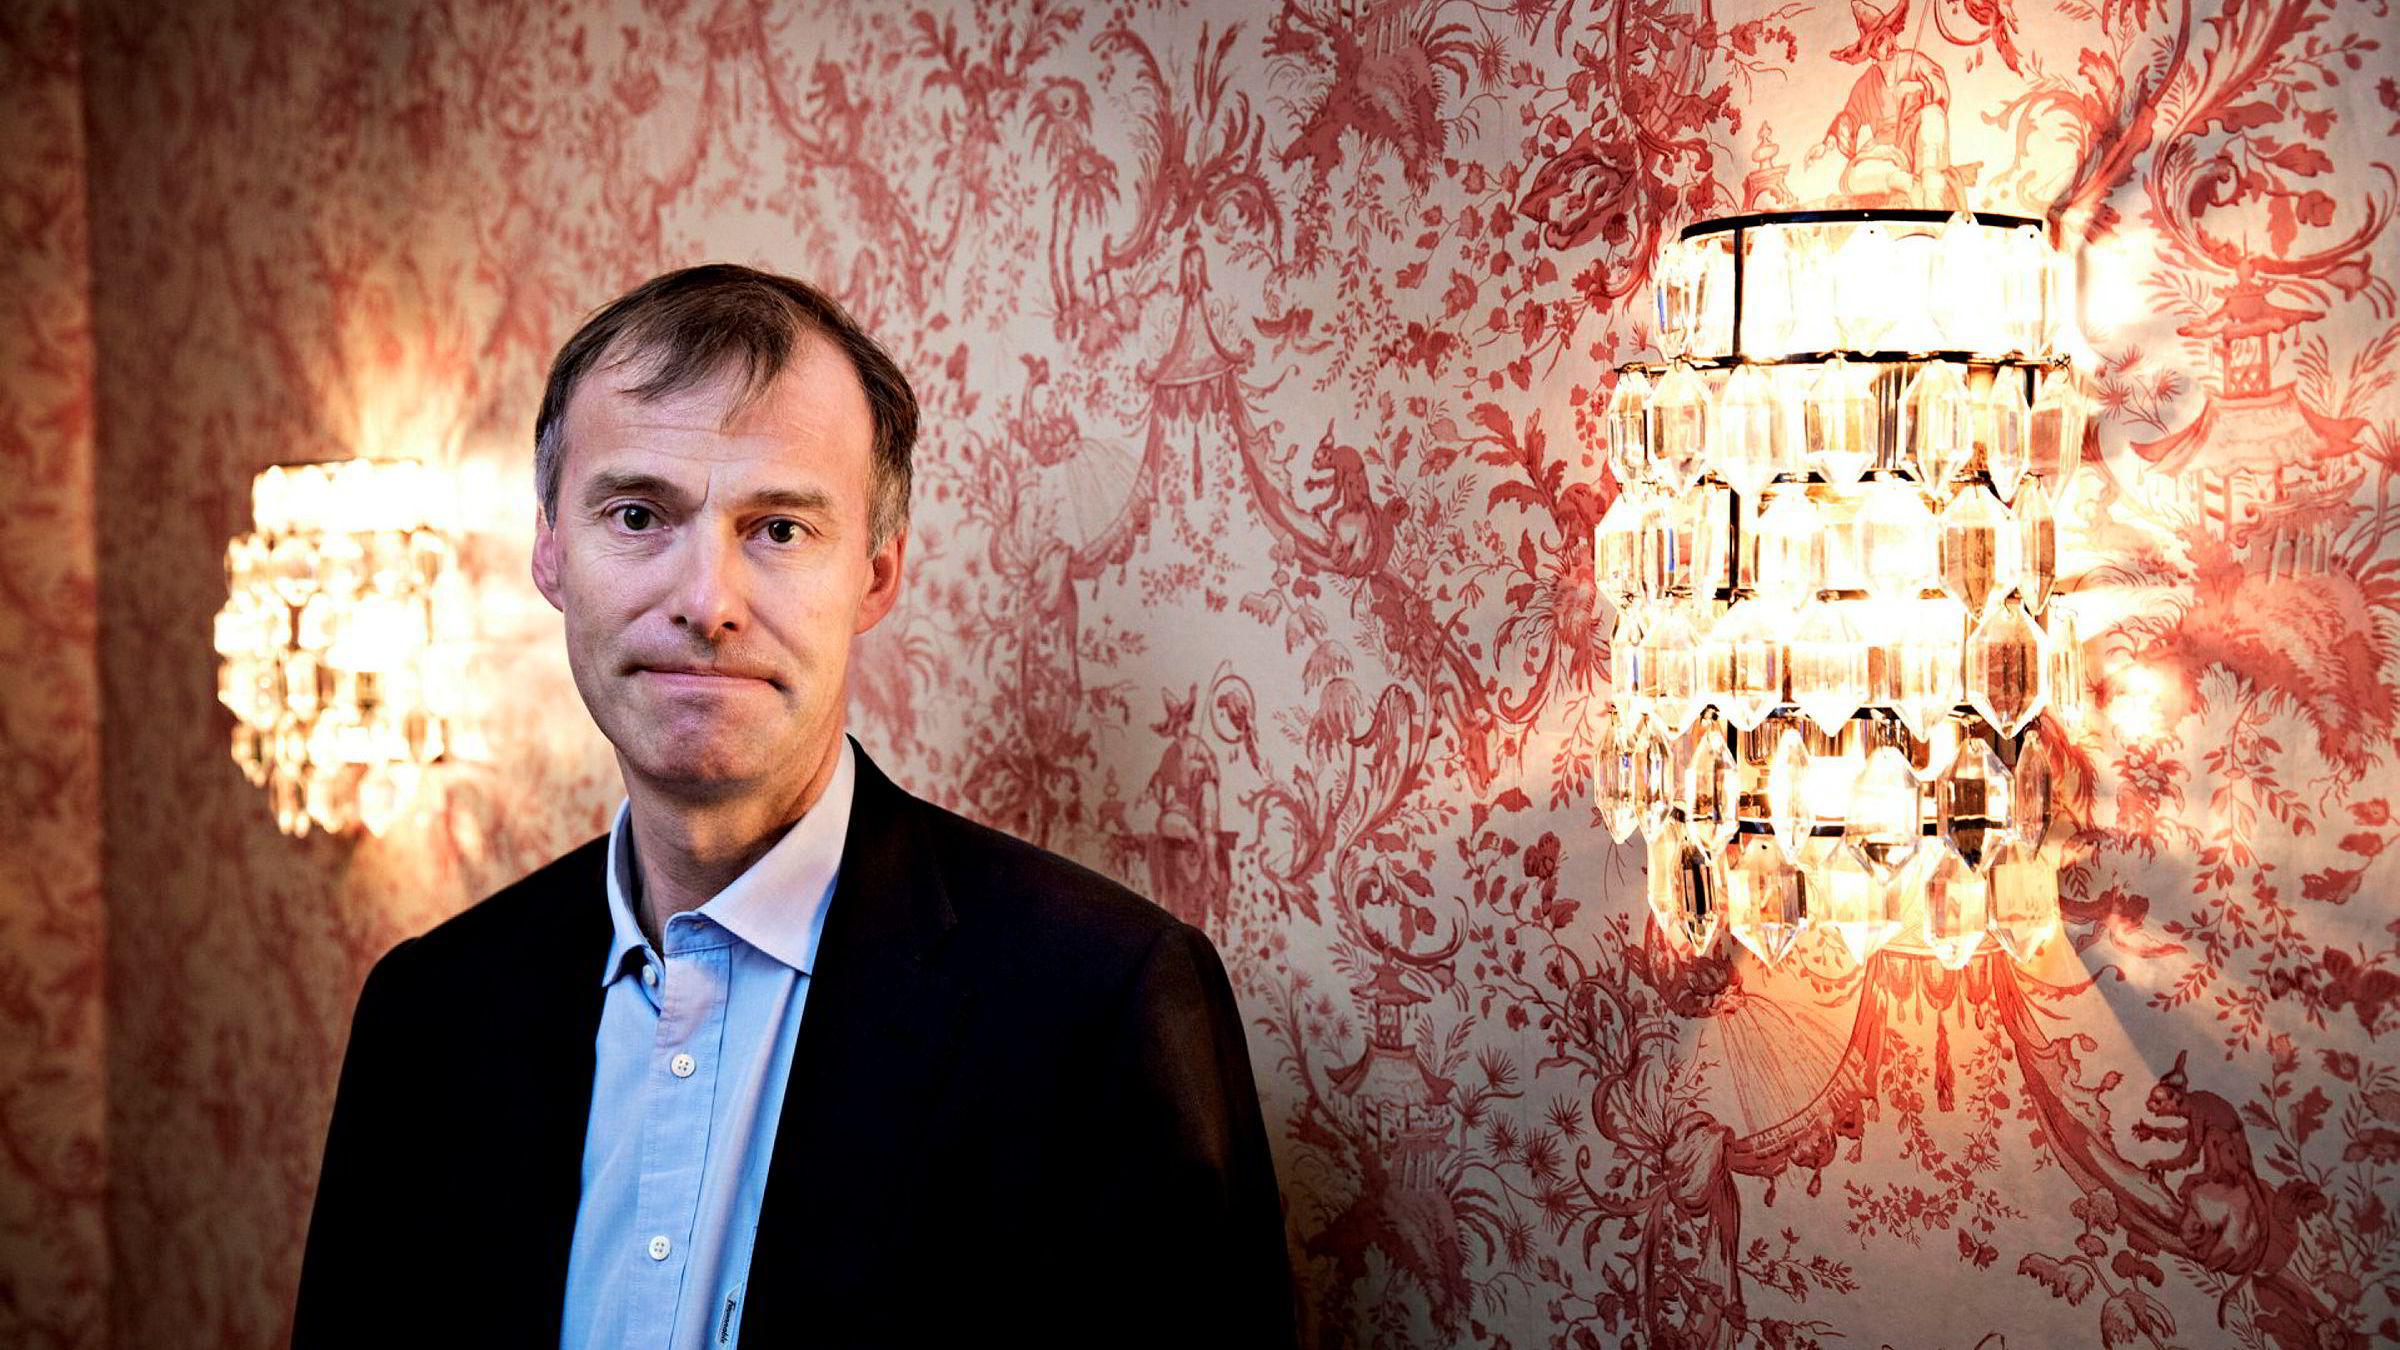 Tidligere corporatesjef i Pareto Petter Dragesund sier at han nå vil ta vare på familien og egen helse.